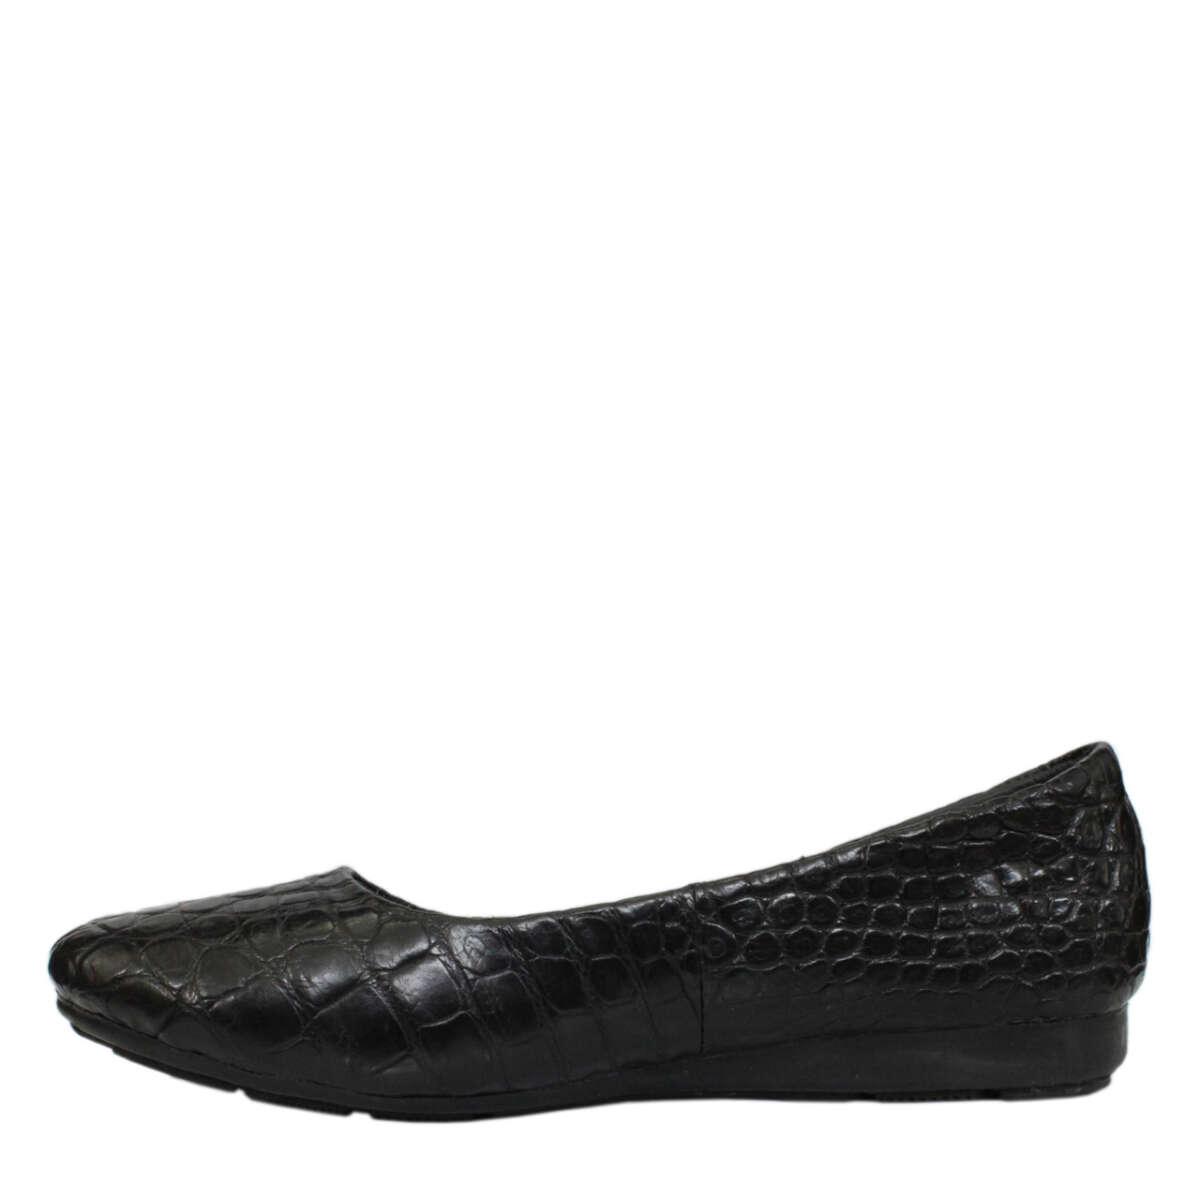 Giày bệt da cá sấu S764a